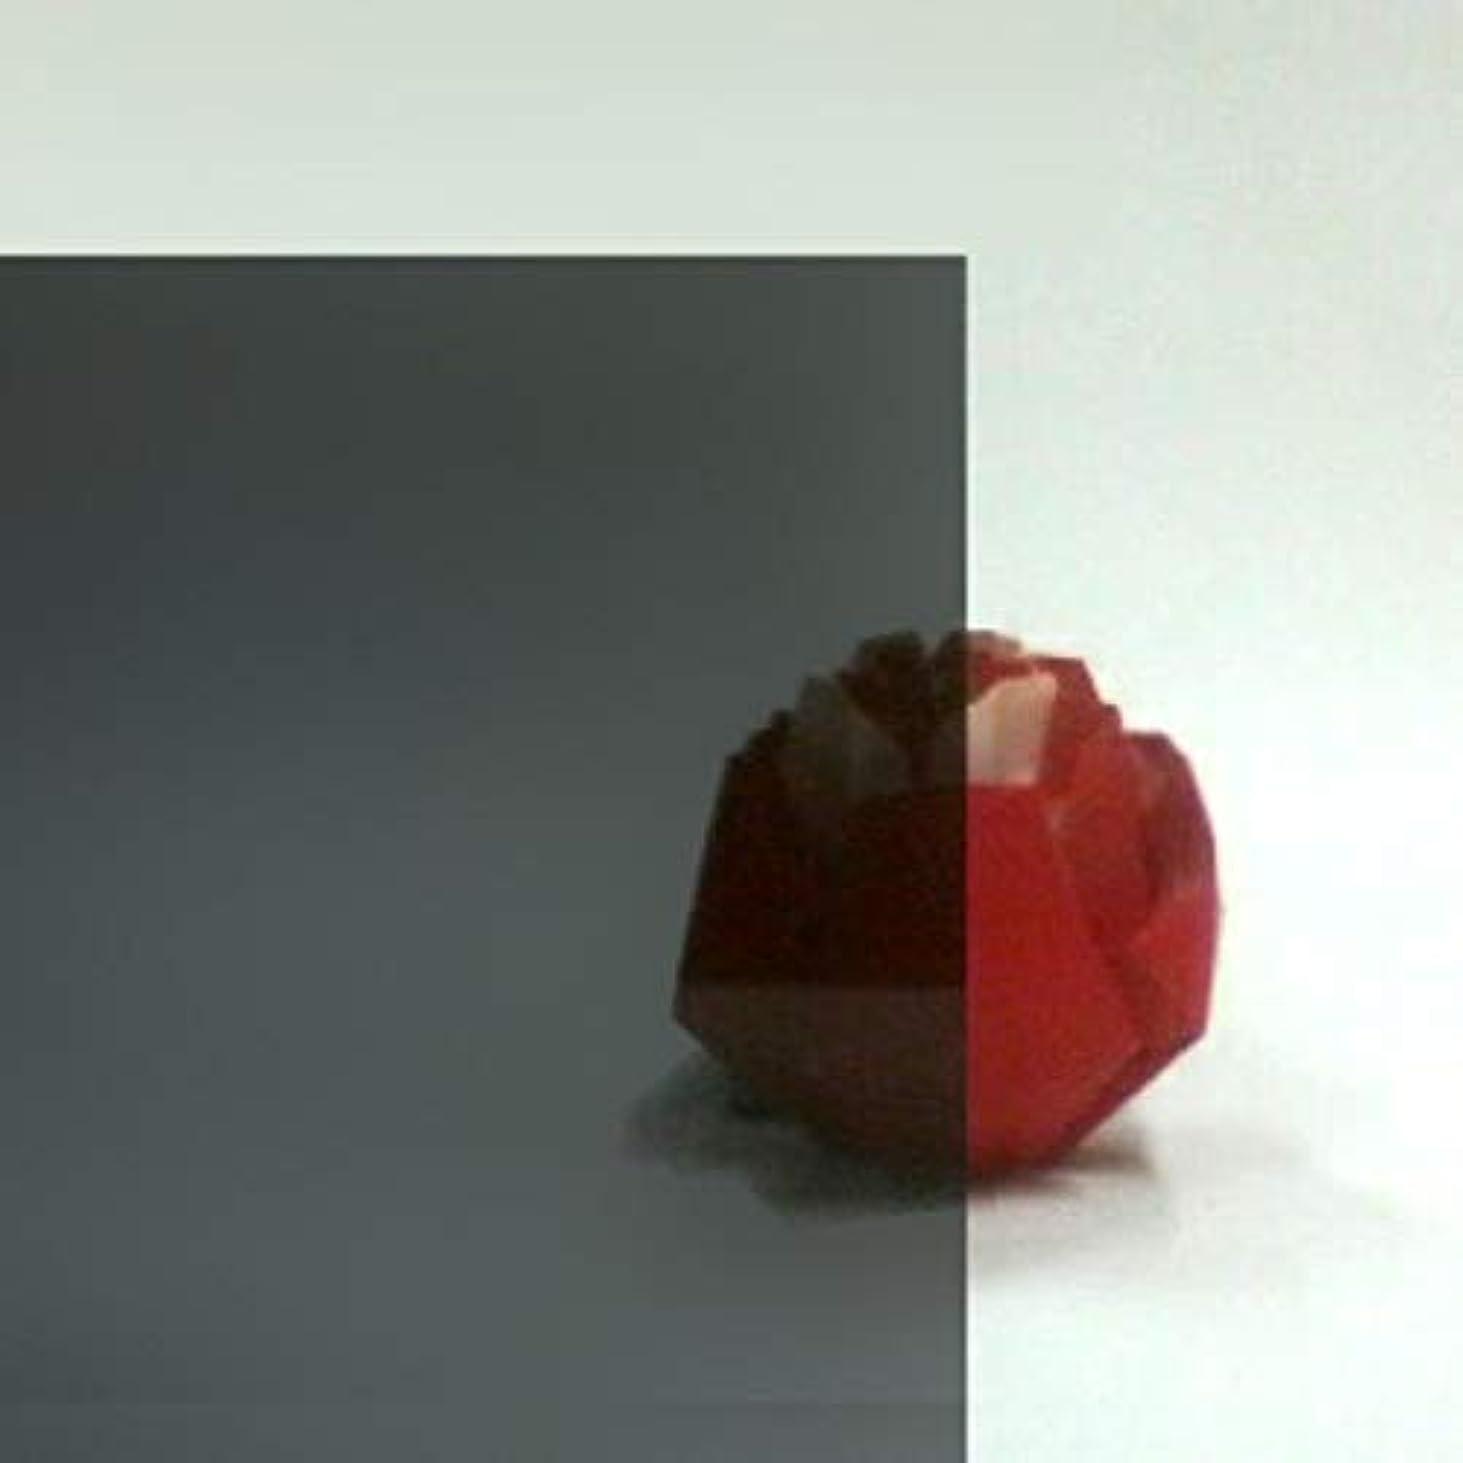 粘土独立害日本製 クラレックス アクリル板 ブルースモーク (精密セルキャストノングレア板) 厚み 1.5mm 1000×1000mm No.1 N-127 全光線透過率20% (カット?キャンセル返品不可)